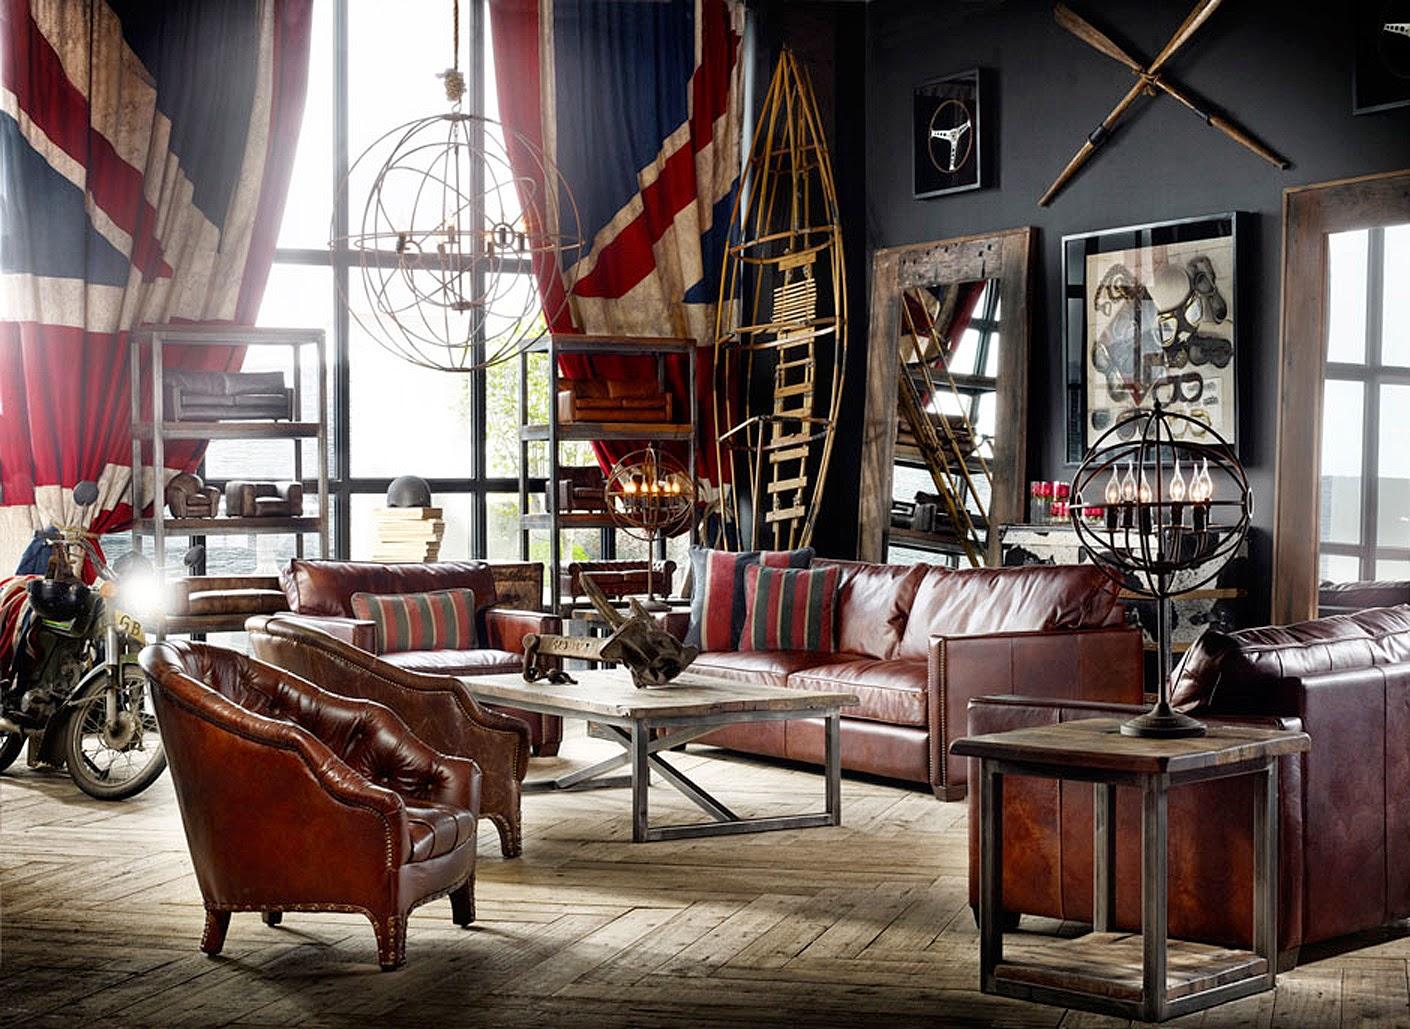 fondasi desain vintage » Ciptakan Kesan Klasik dan Elegan dengan Desain Interior Rumah Bergaya Vintage